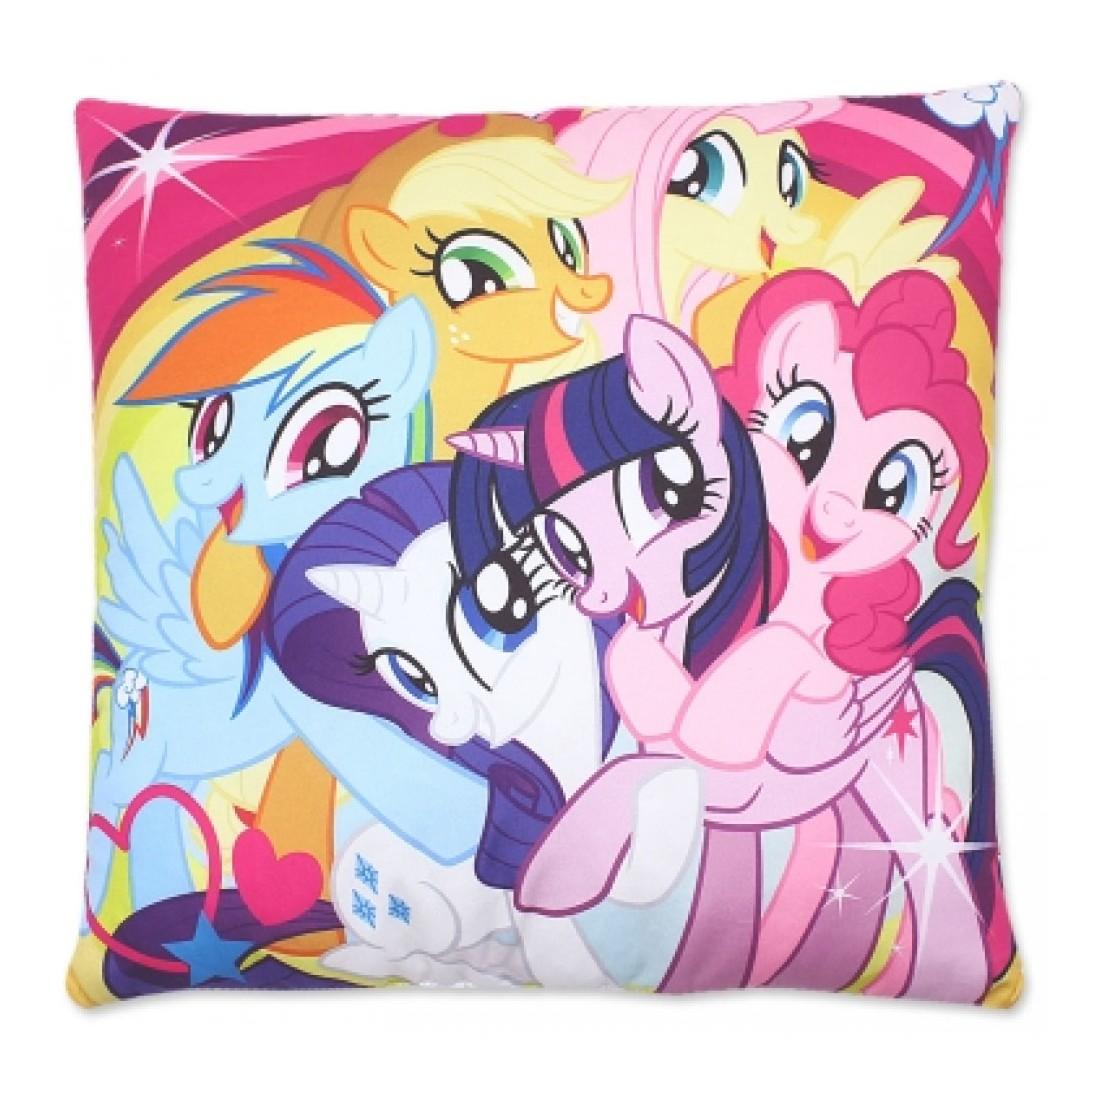 Poduszka jasiek z bajki My little pony rozmiar 40x40